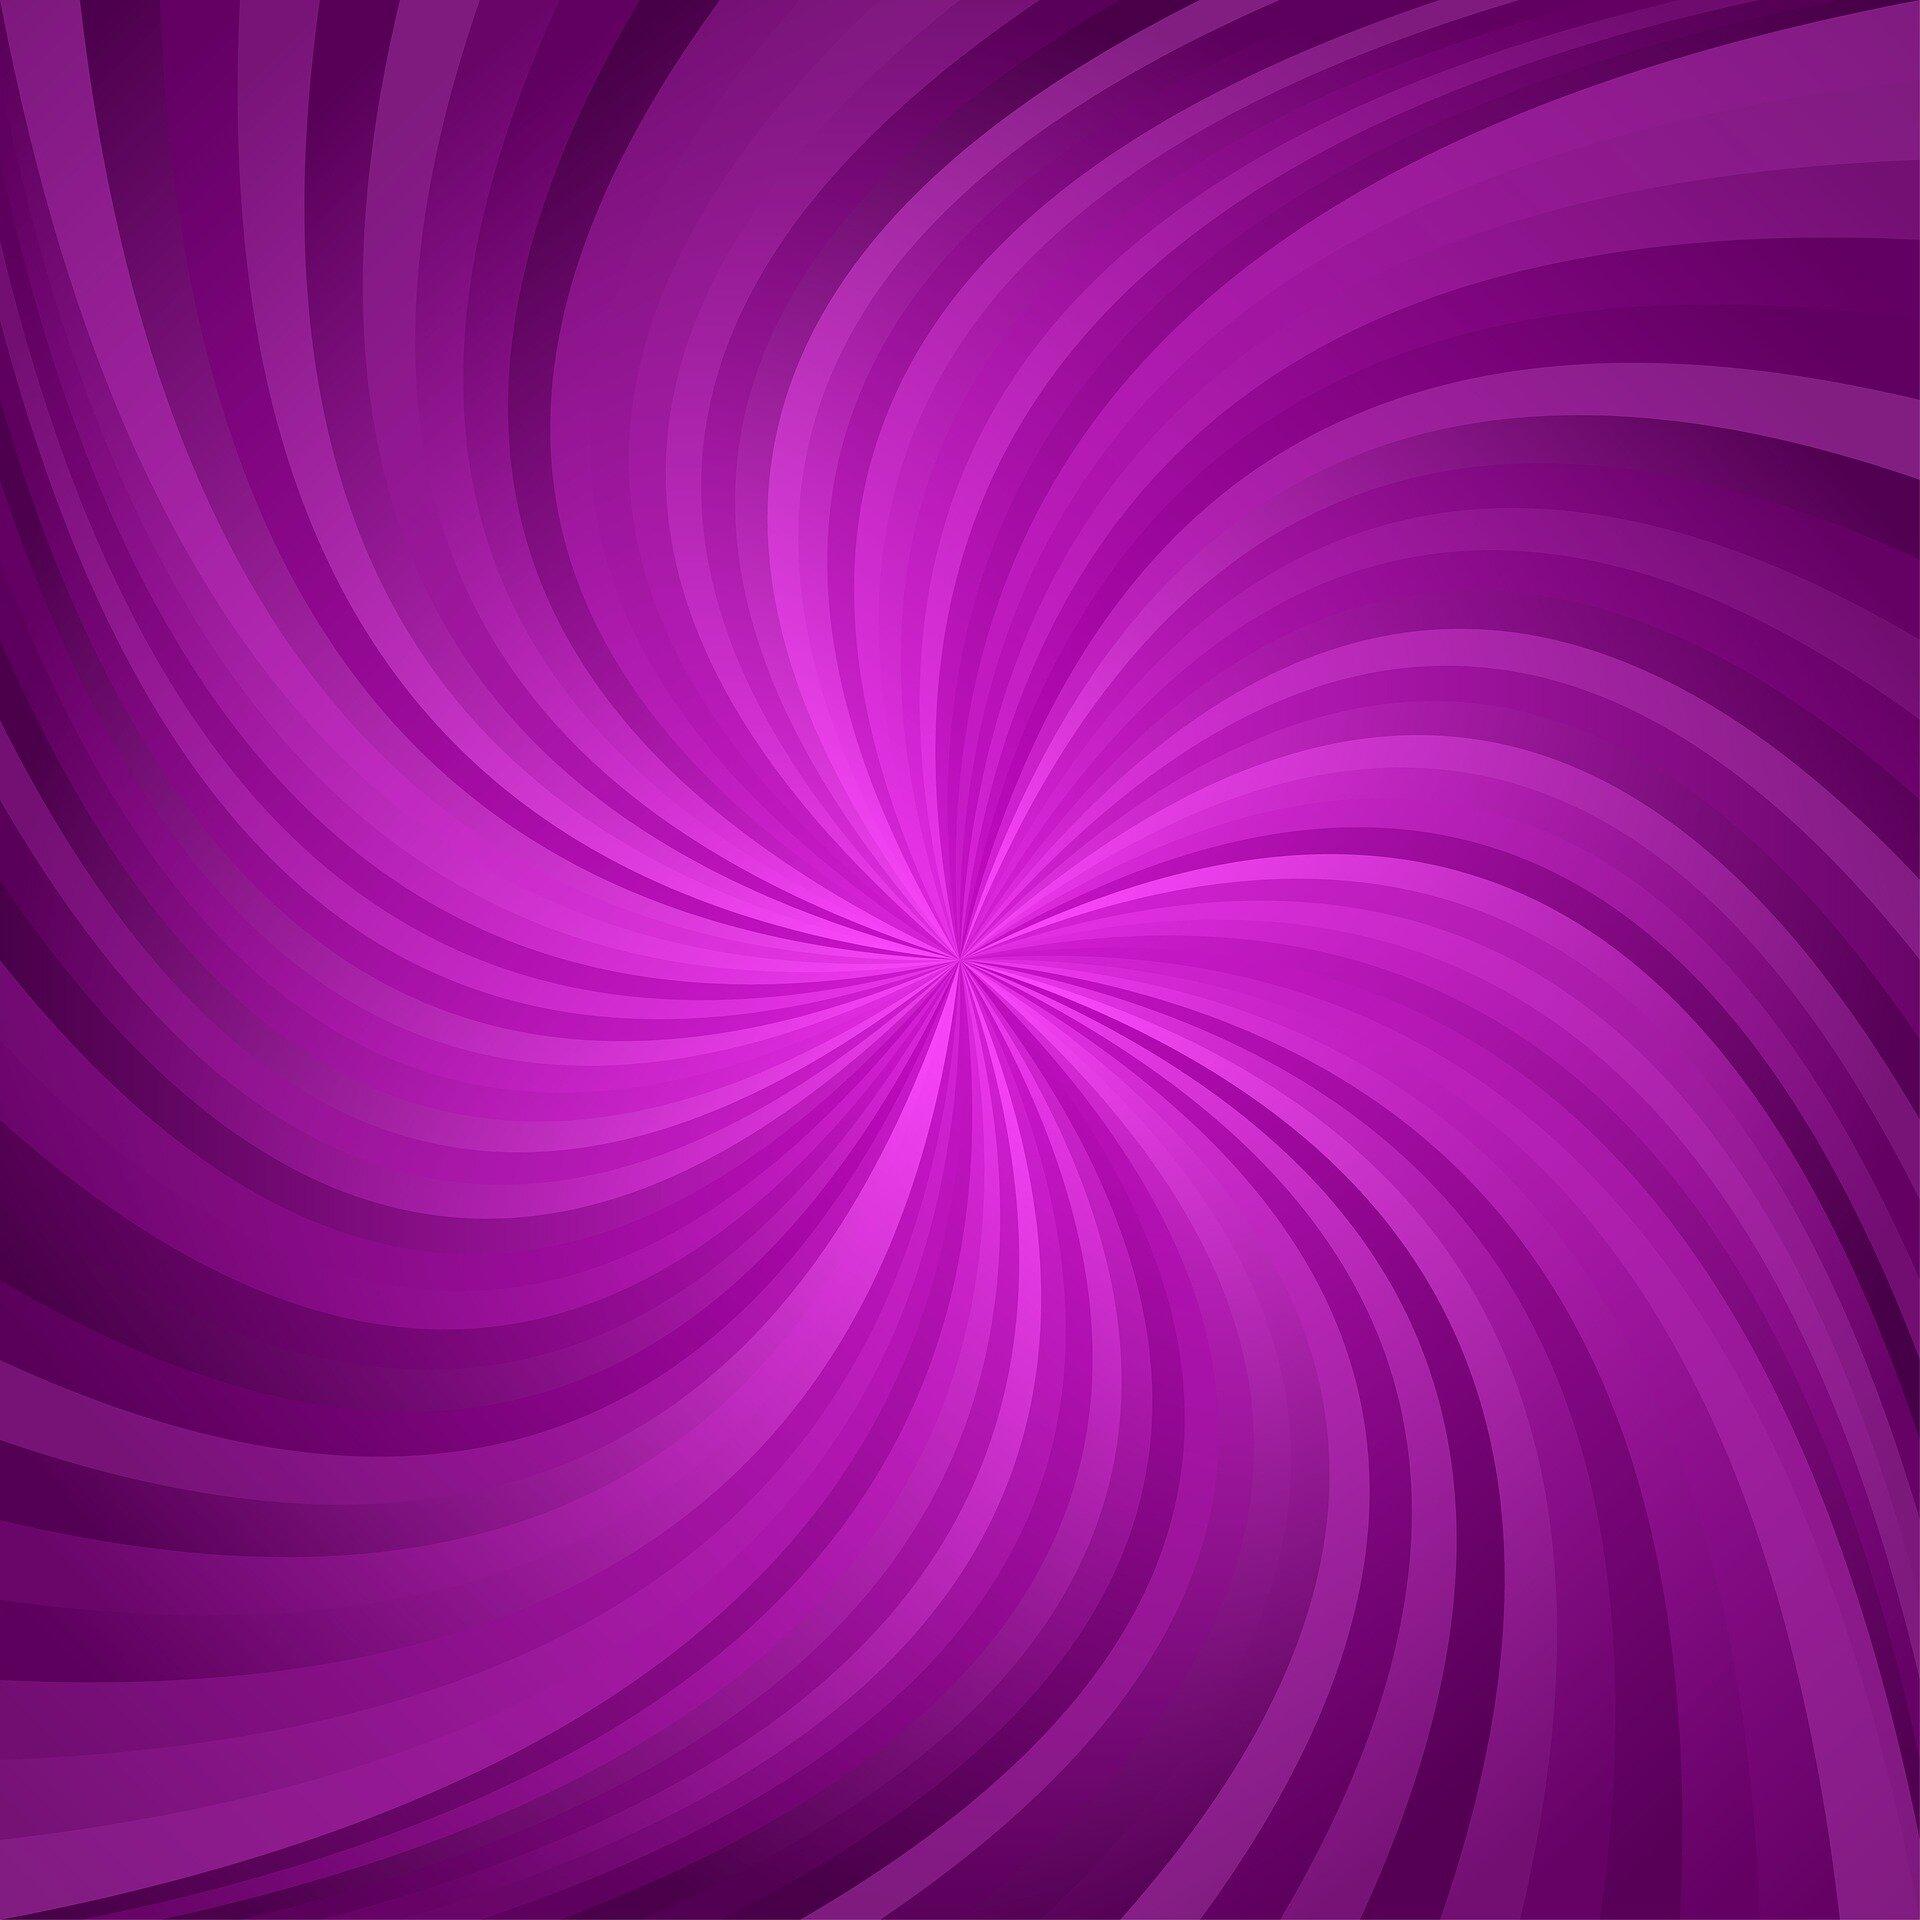 مغناطيسية ملتوية: اكتشاف طريقة جديدة لتصور اللف المغزلي - قياس ومراقبة مغازل اللف في أكسيد النيكل - المواد المضادة للانجذاب المغناطيسي